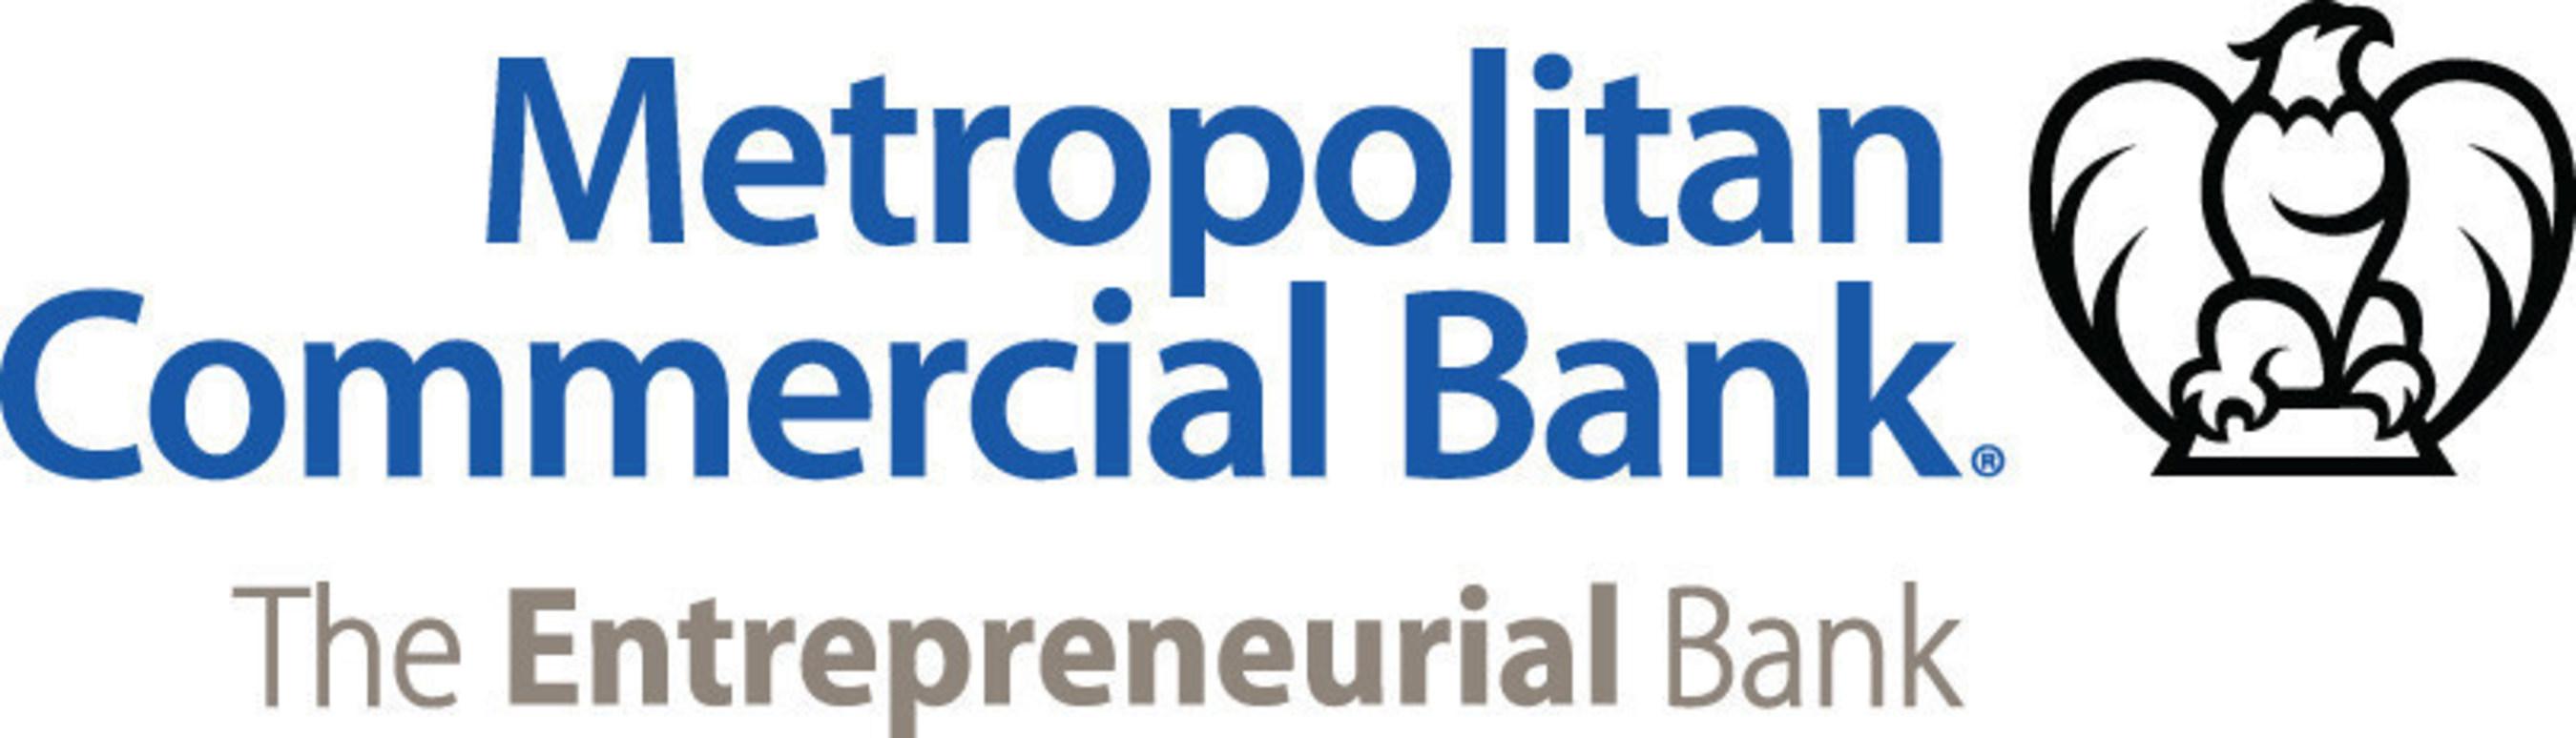 Metropolitan_Commercial_Bank_Logo